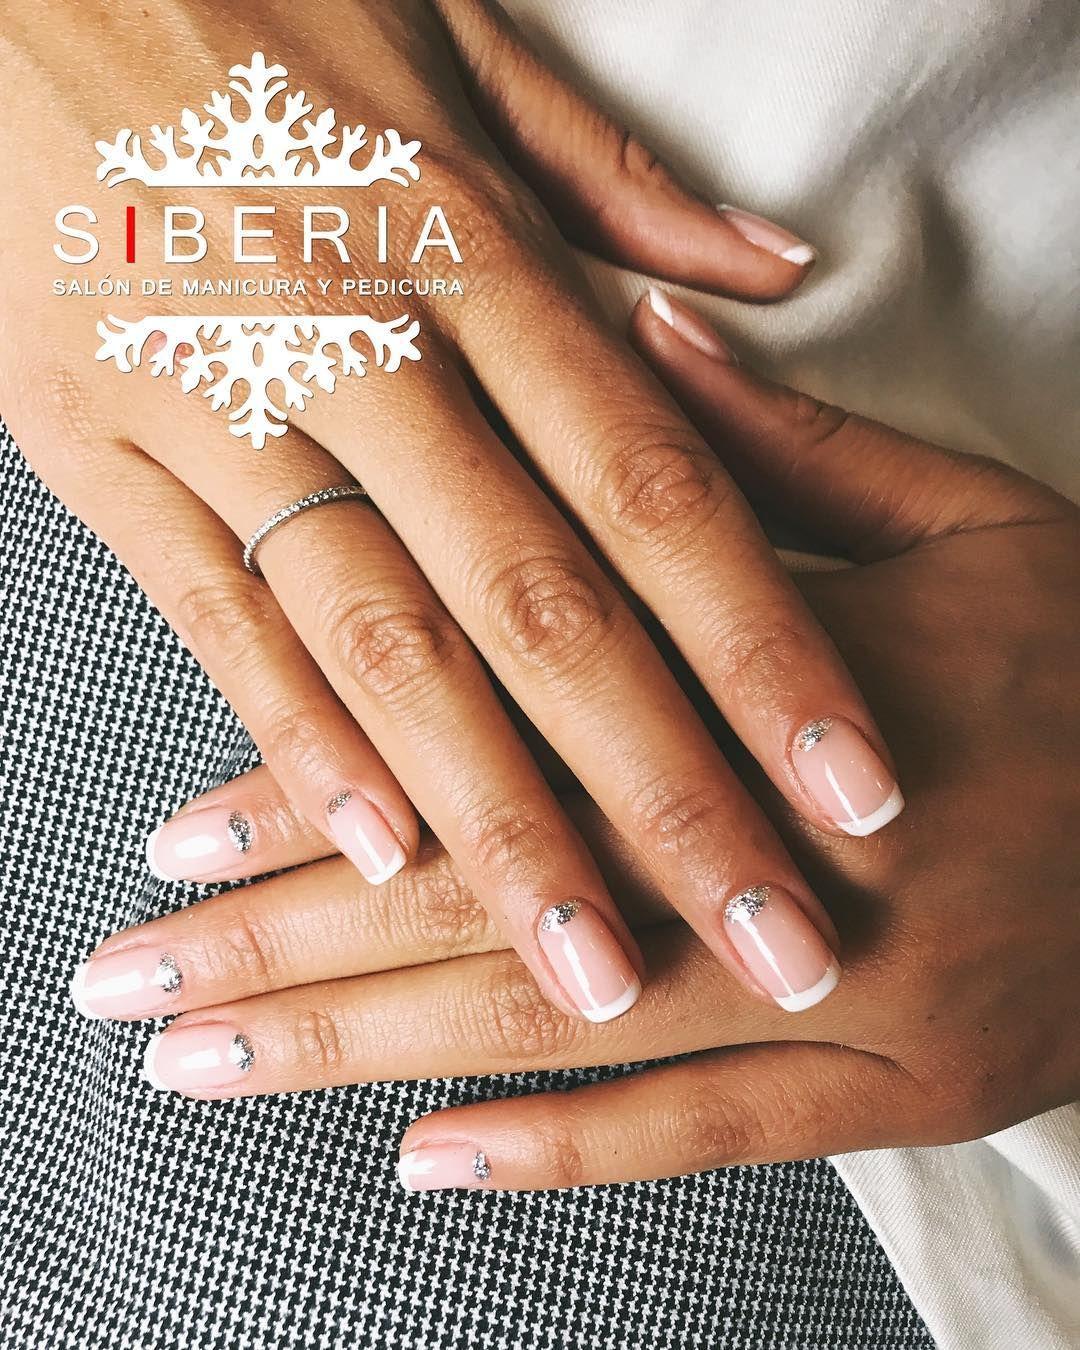 Siberia Salon desmiente algunos mitos sobre la manicura rusa